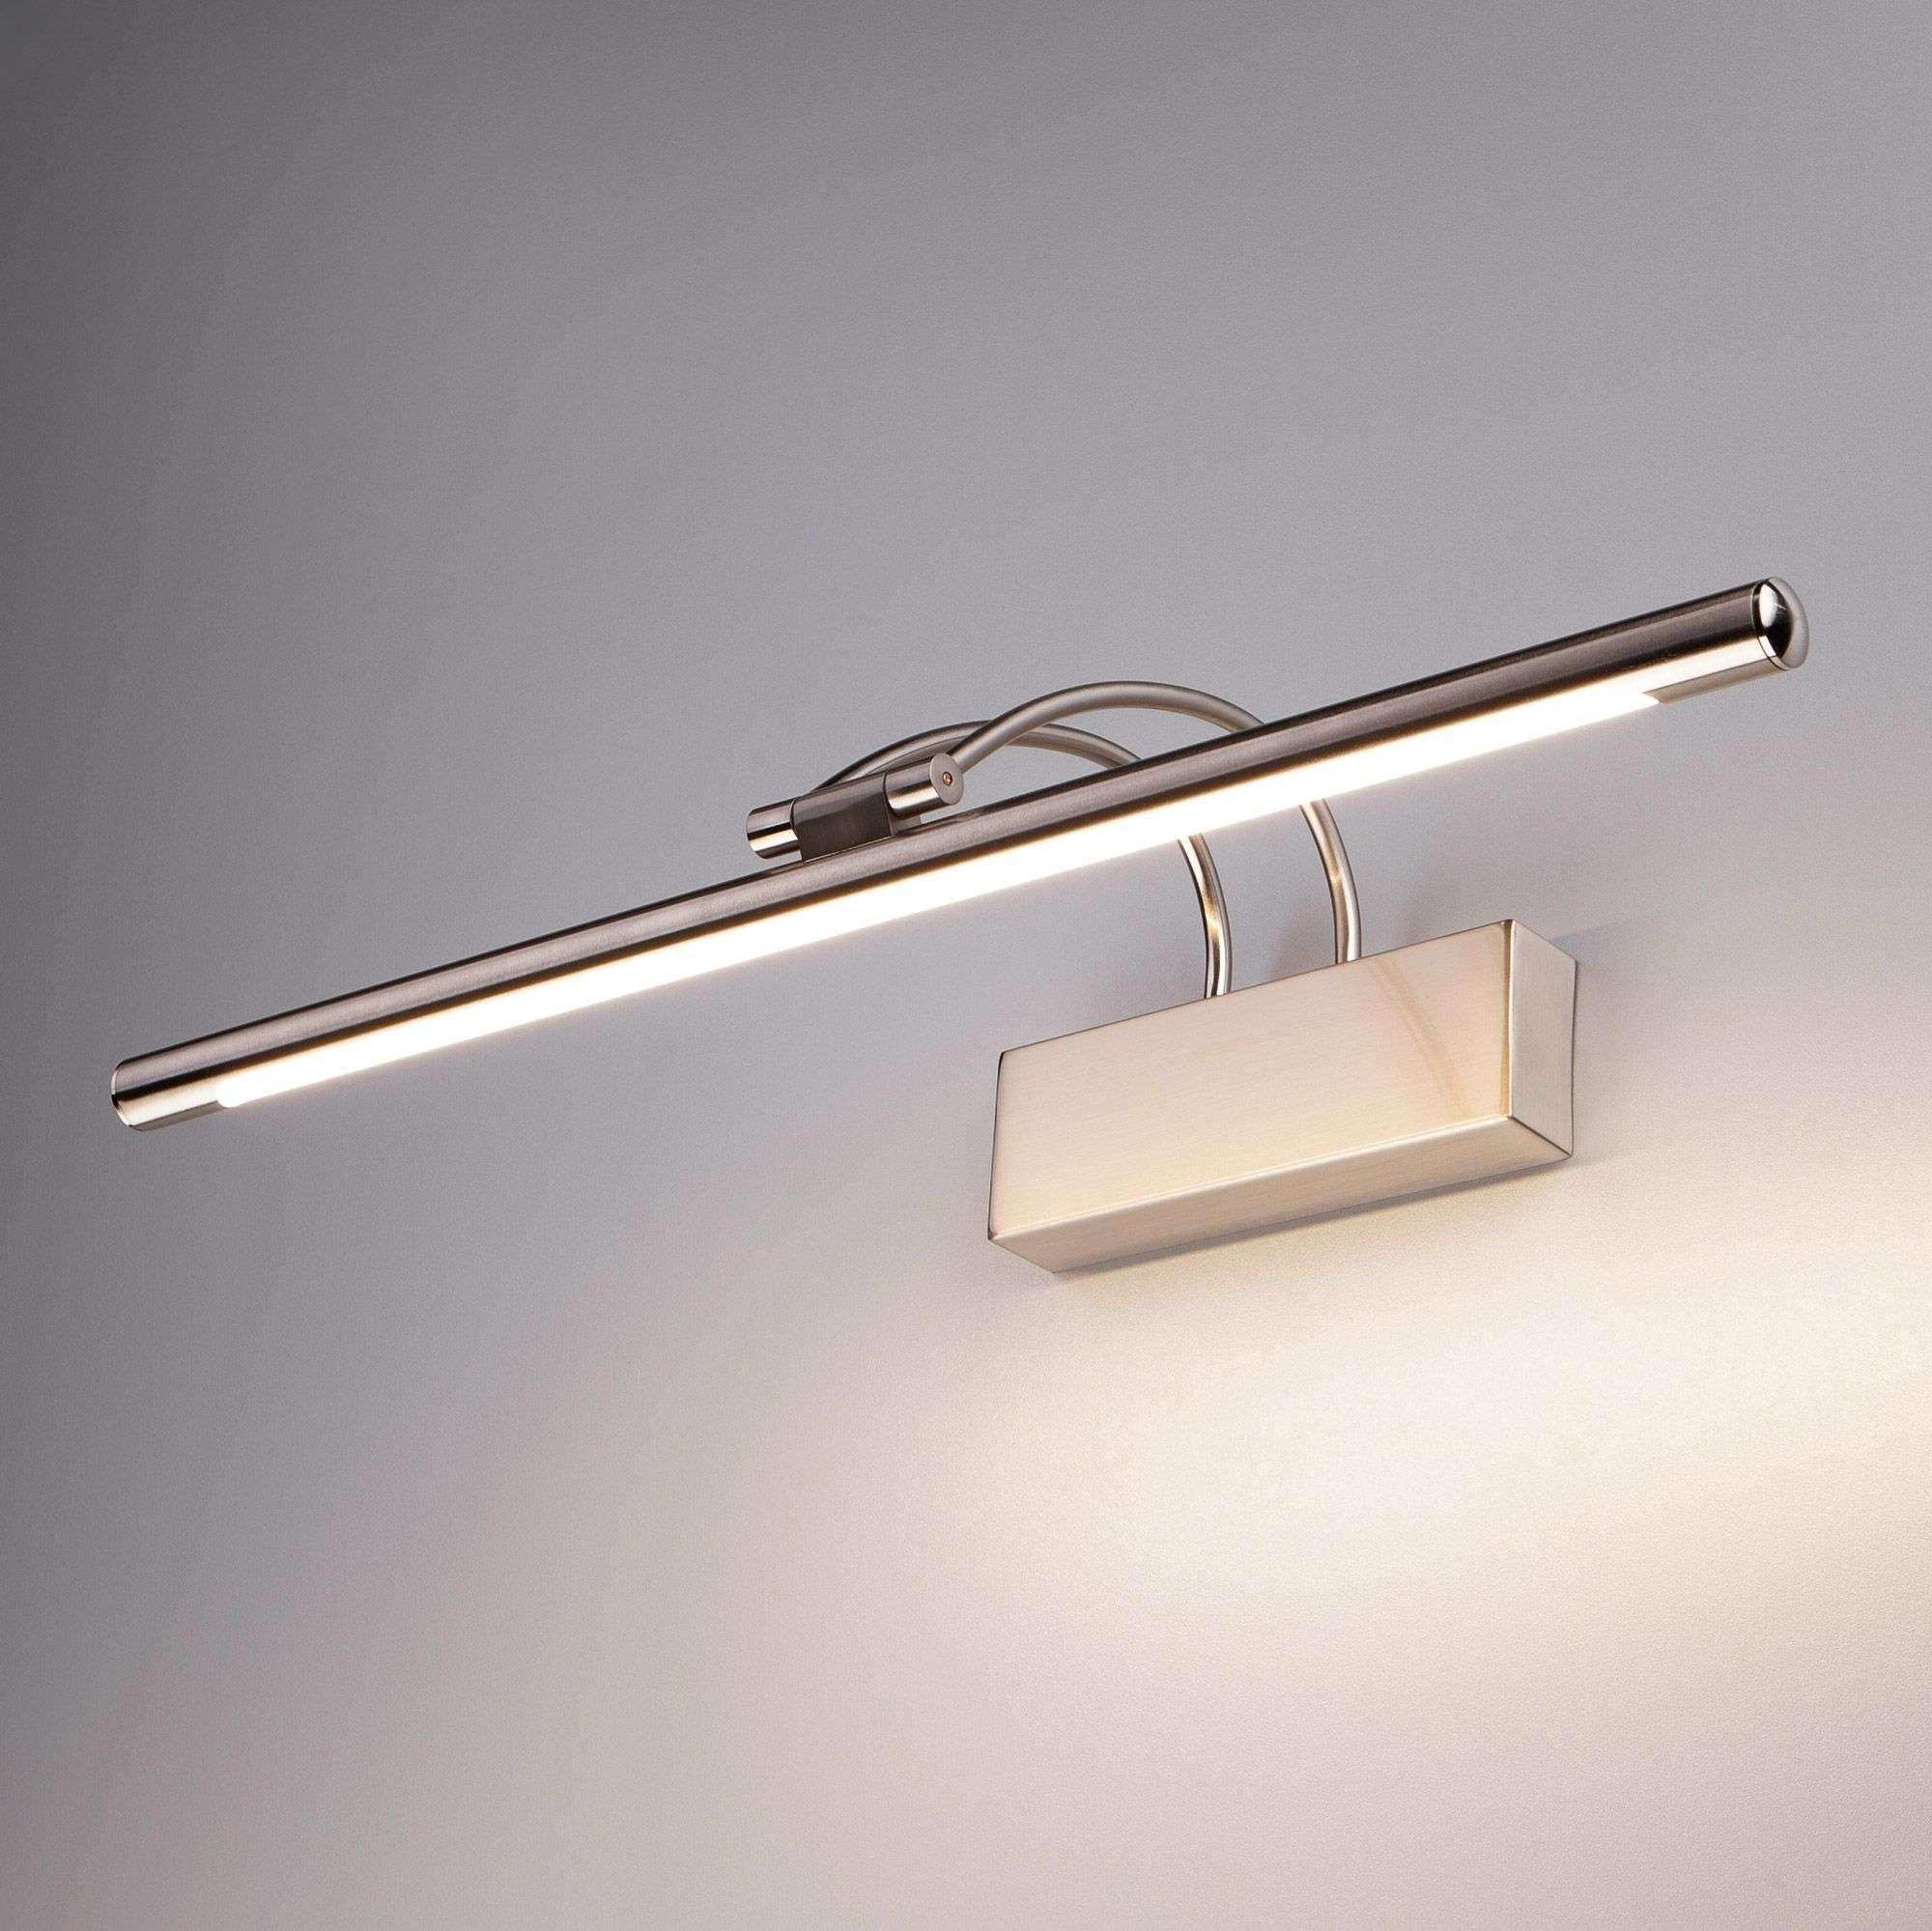 Настенный светодиодный светильник Simple LED никель Simple LED 10W 1011 IP20 никель